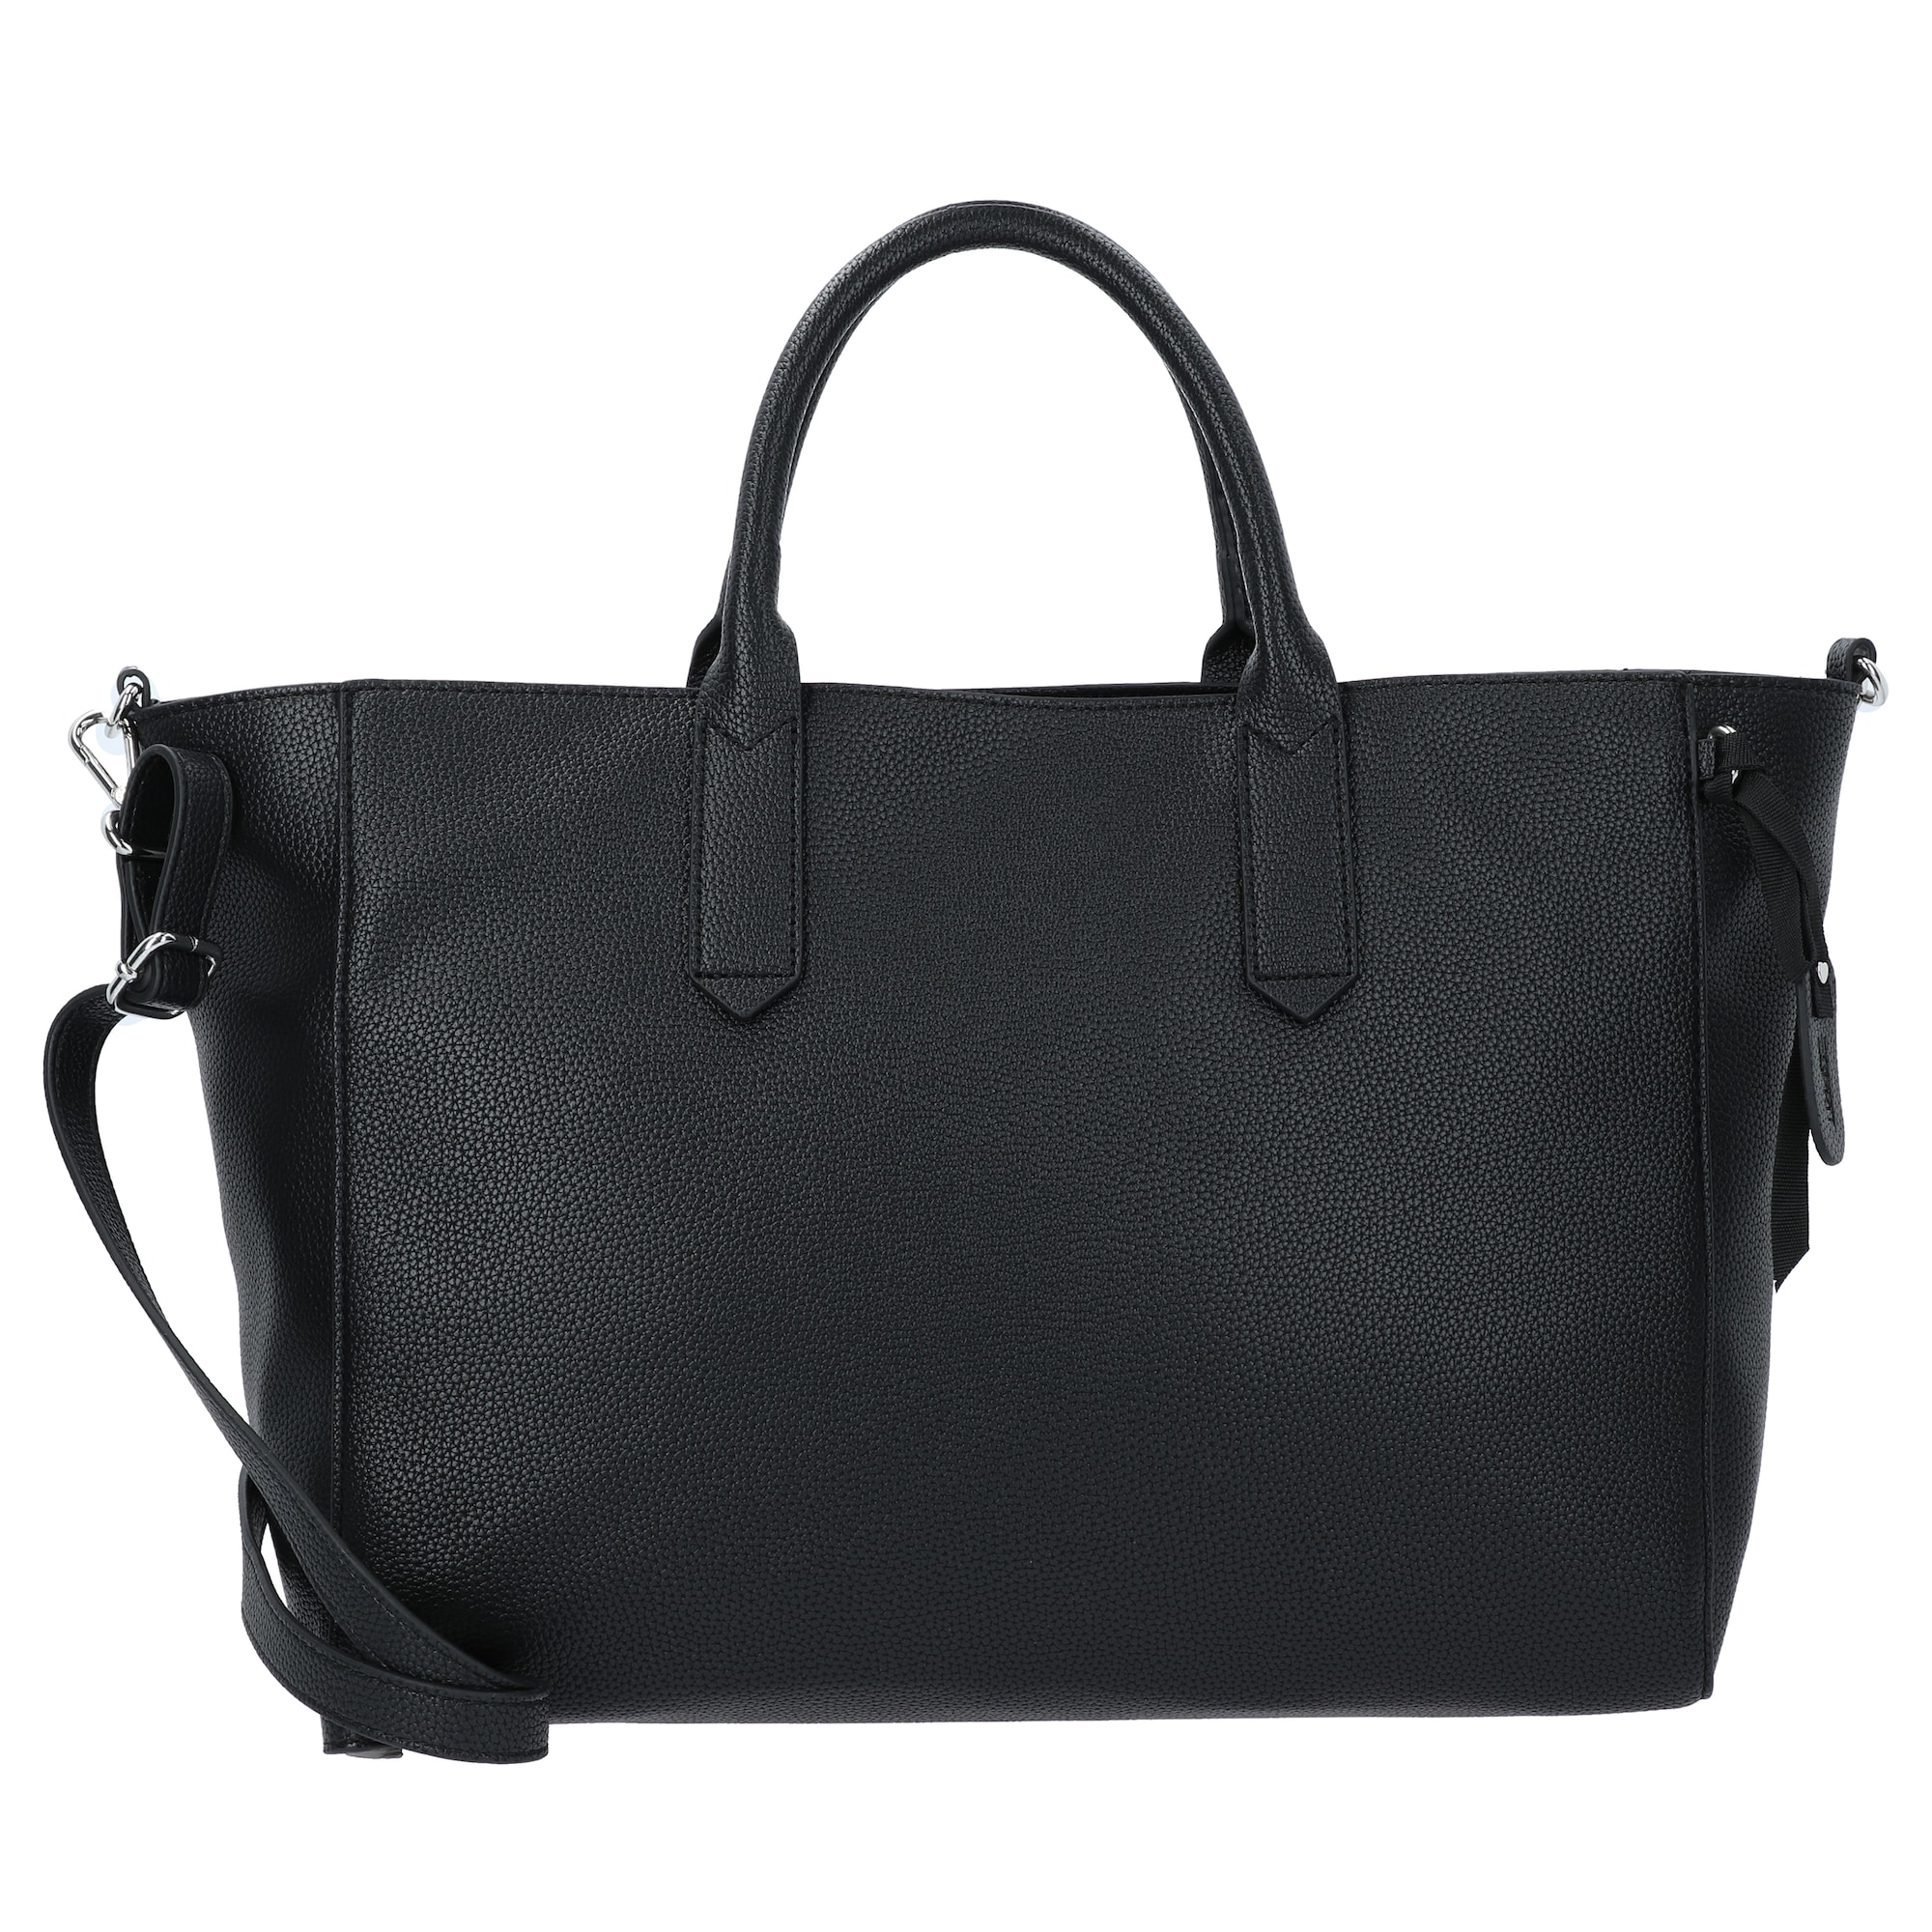 ESPRIT Pirkinių krepšys